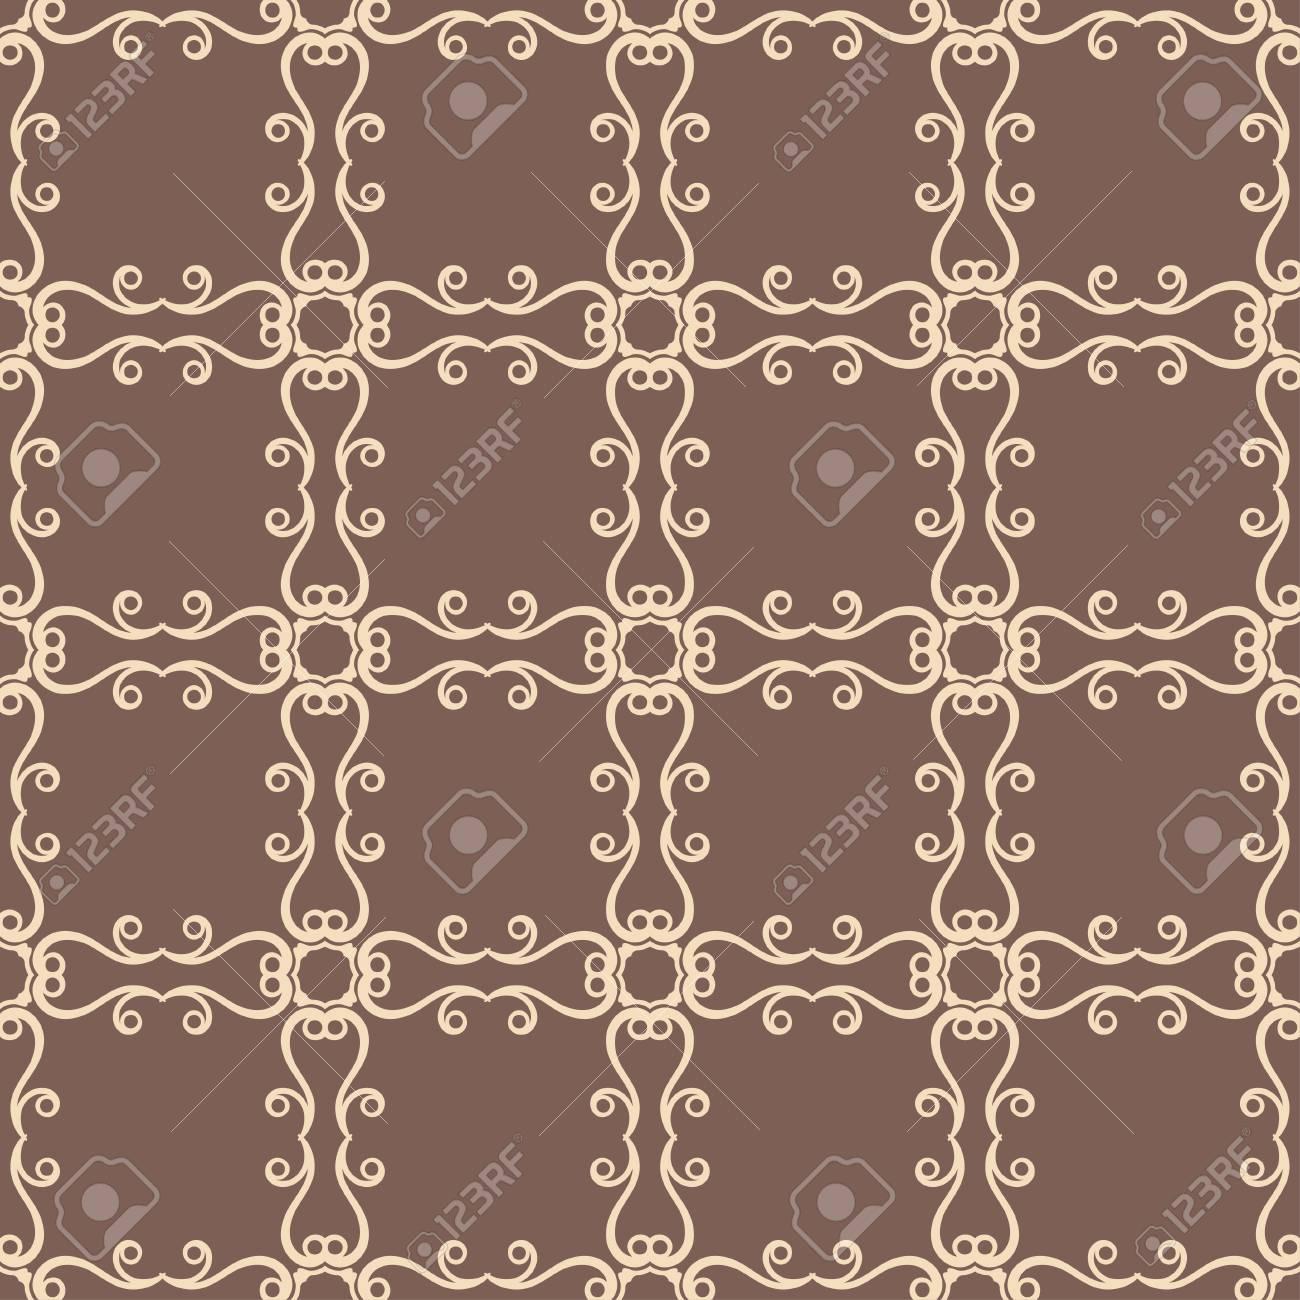 Carta Da Parati Tessuto modello senza cuciture ornamentale vintage. può essere utilizzato per carta  da imballaggio, carta da parati, tessuto, tessuto, tela cerata, piastrelle